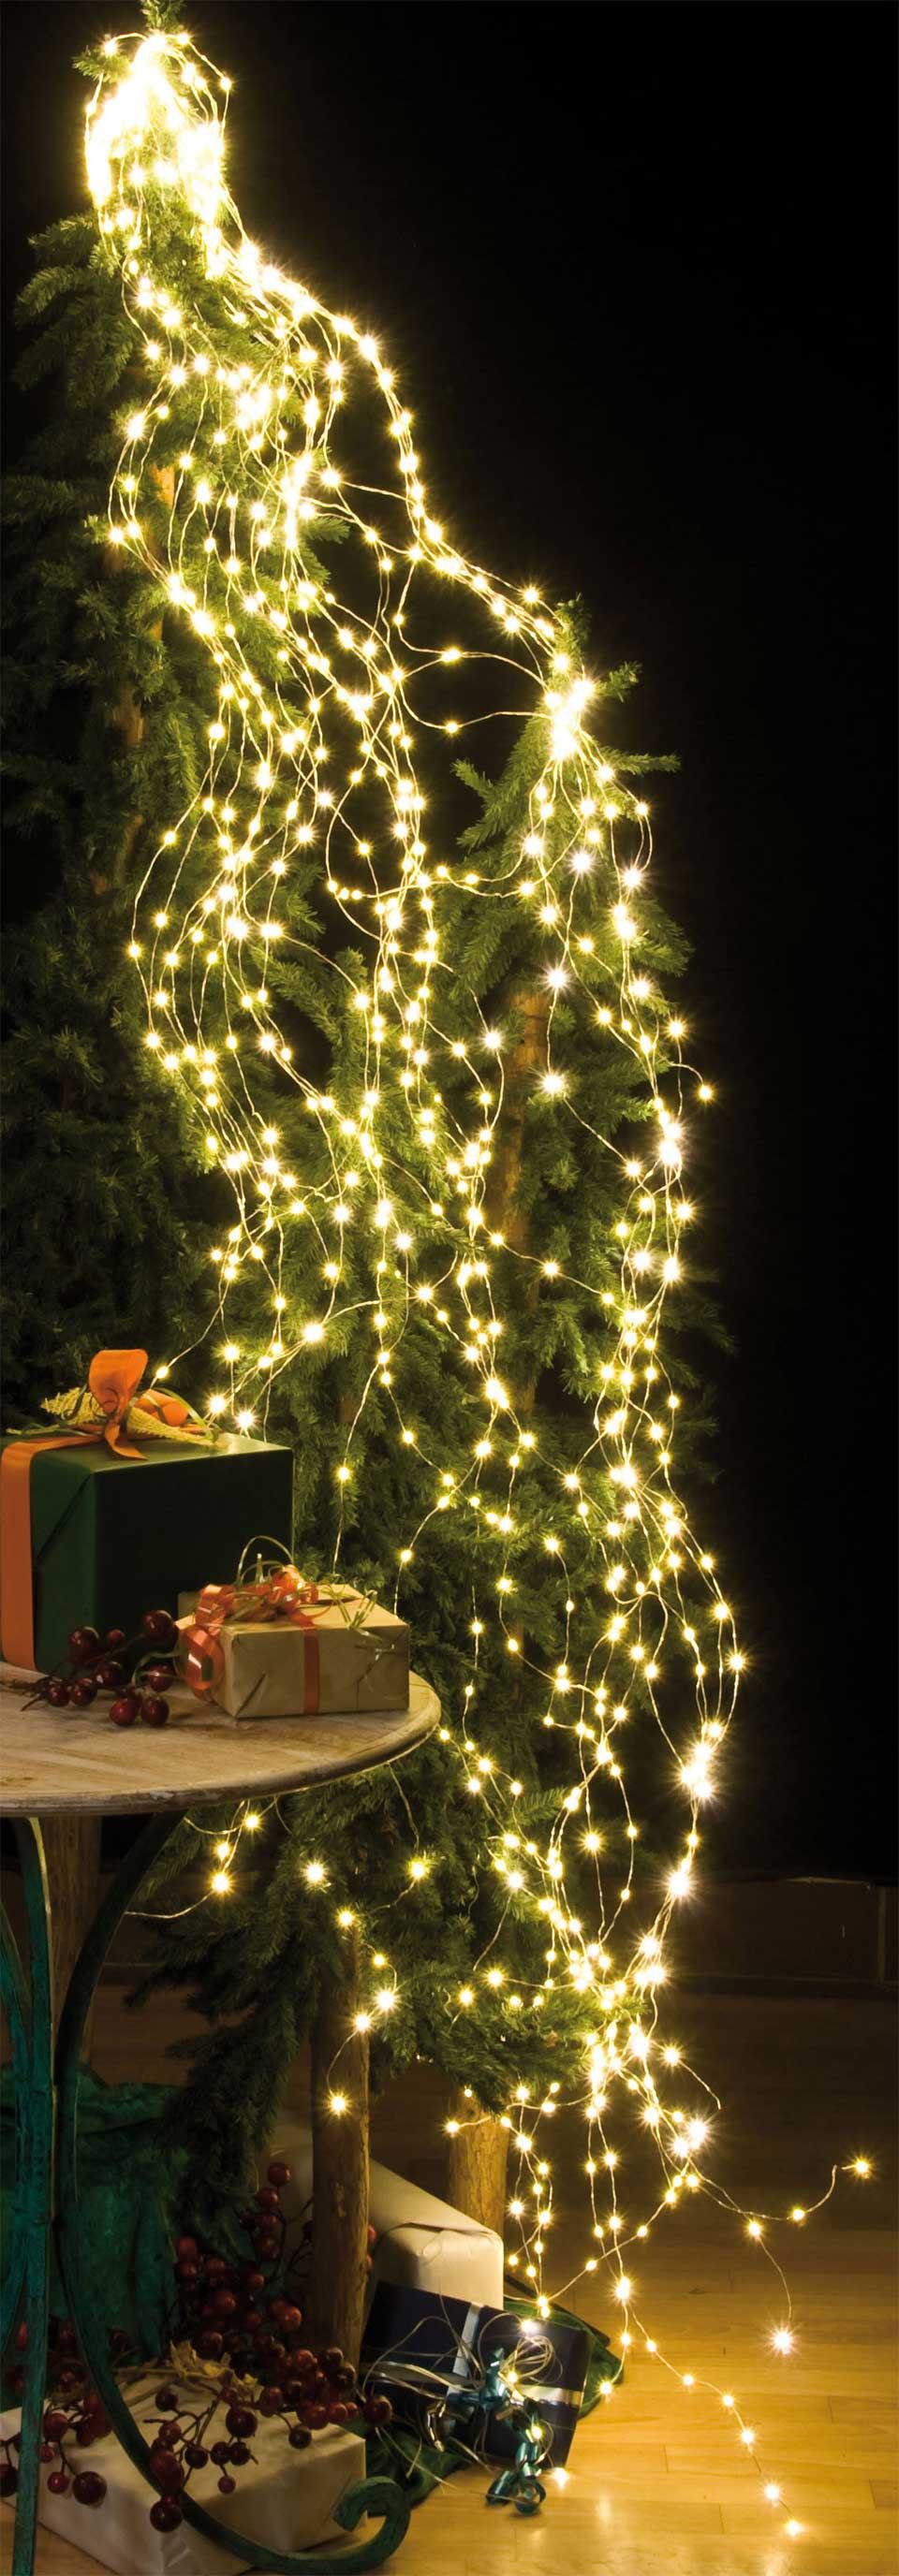 Weihnachtsdeko Lichterketten Außen.Led Lichterkette Weihnachtsdeko Kaskade